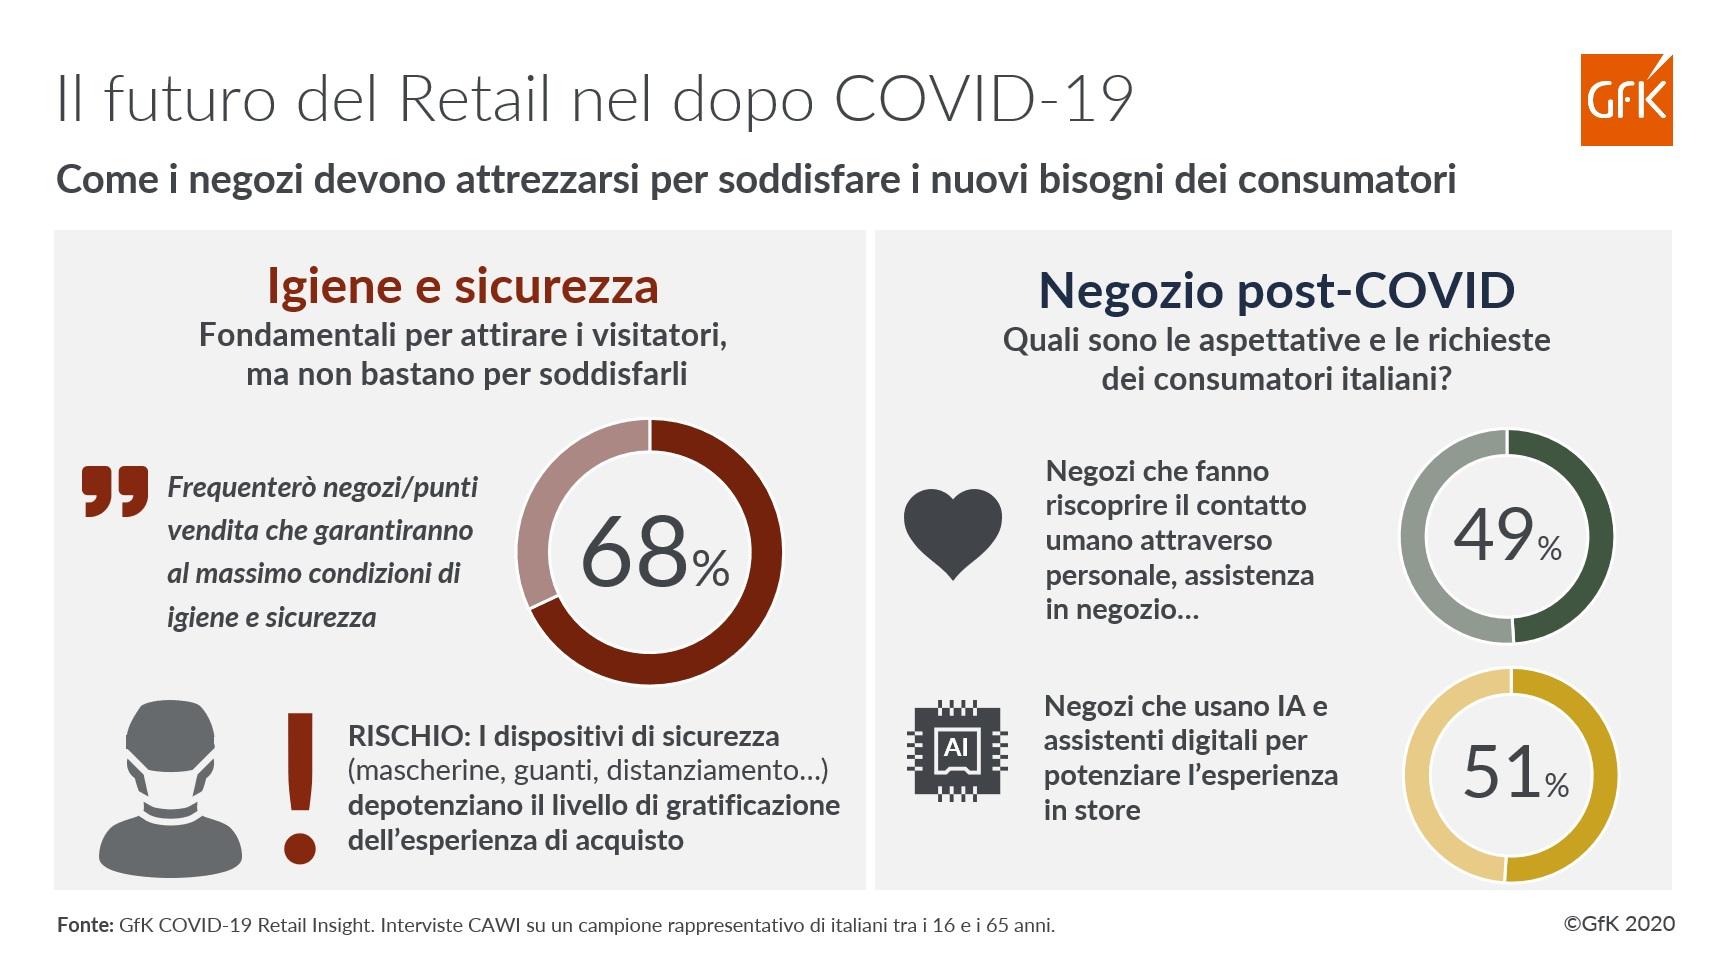 Il futuro del Retail nel dopo pandemia